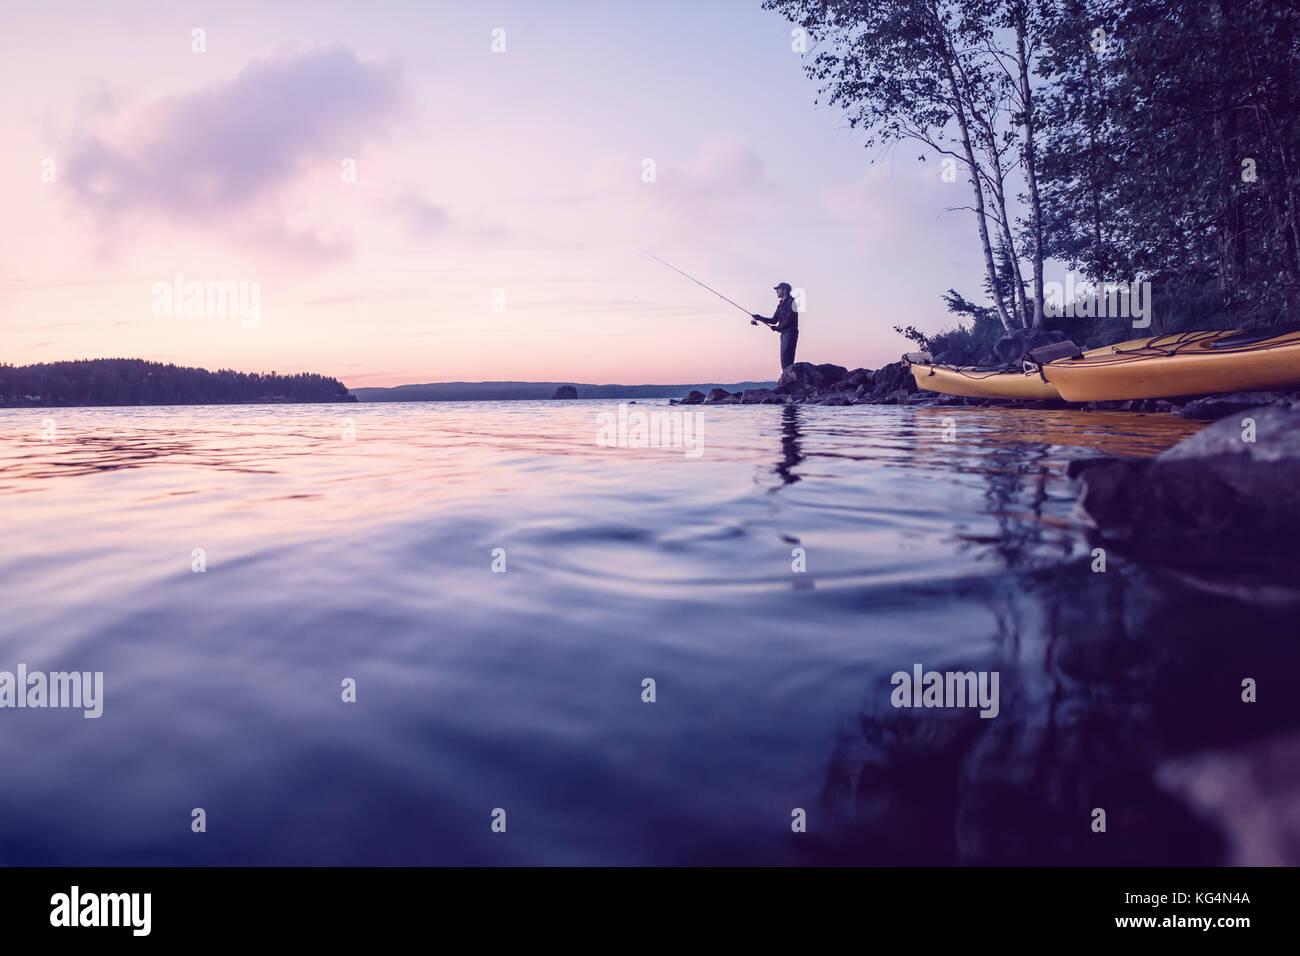 Pescar en un lago hermoso Imagen De Stock